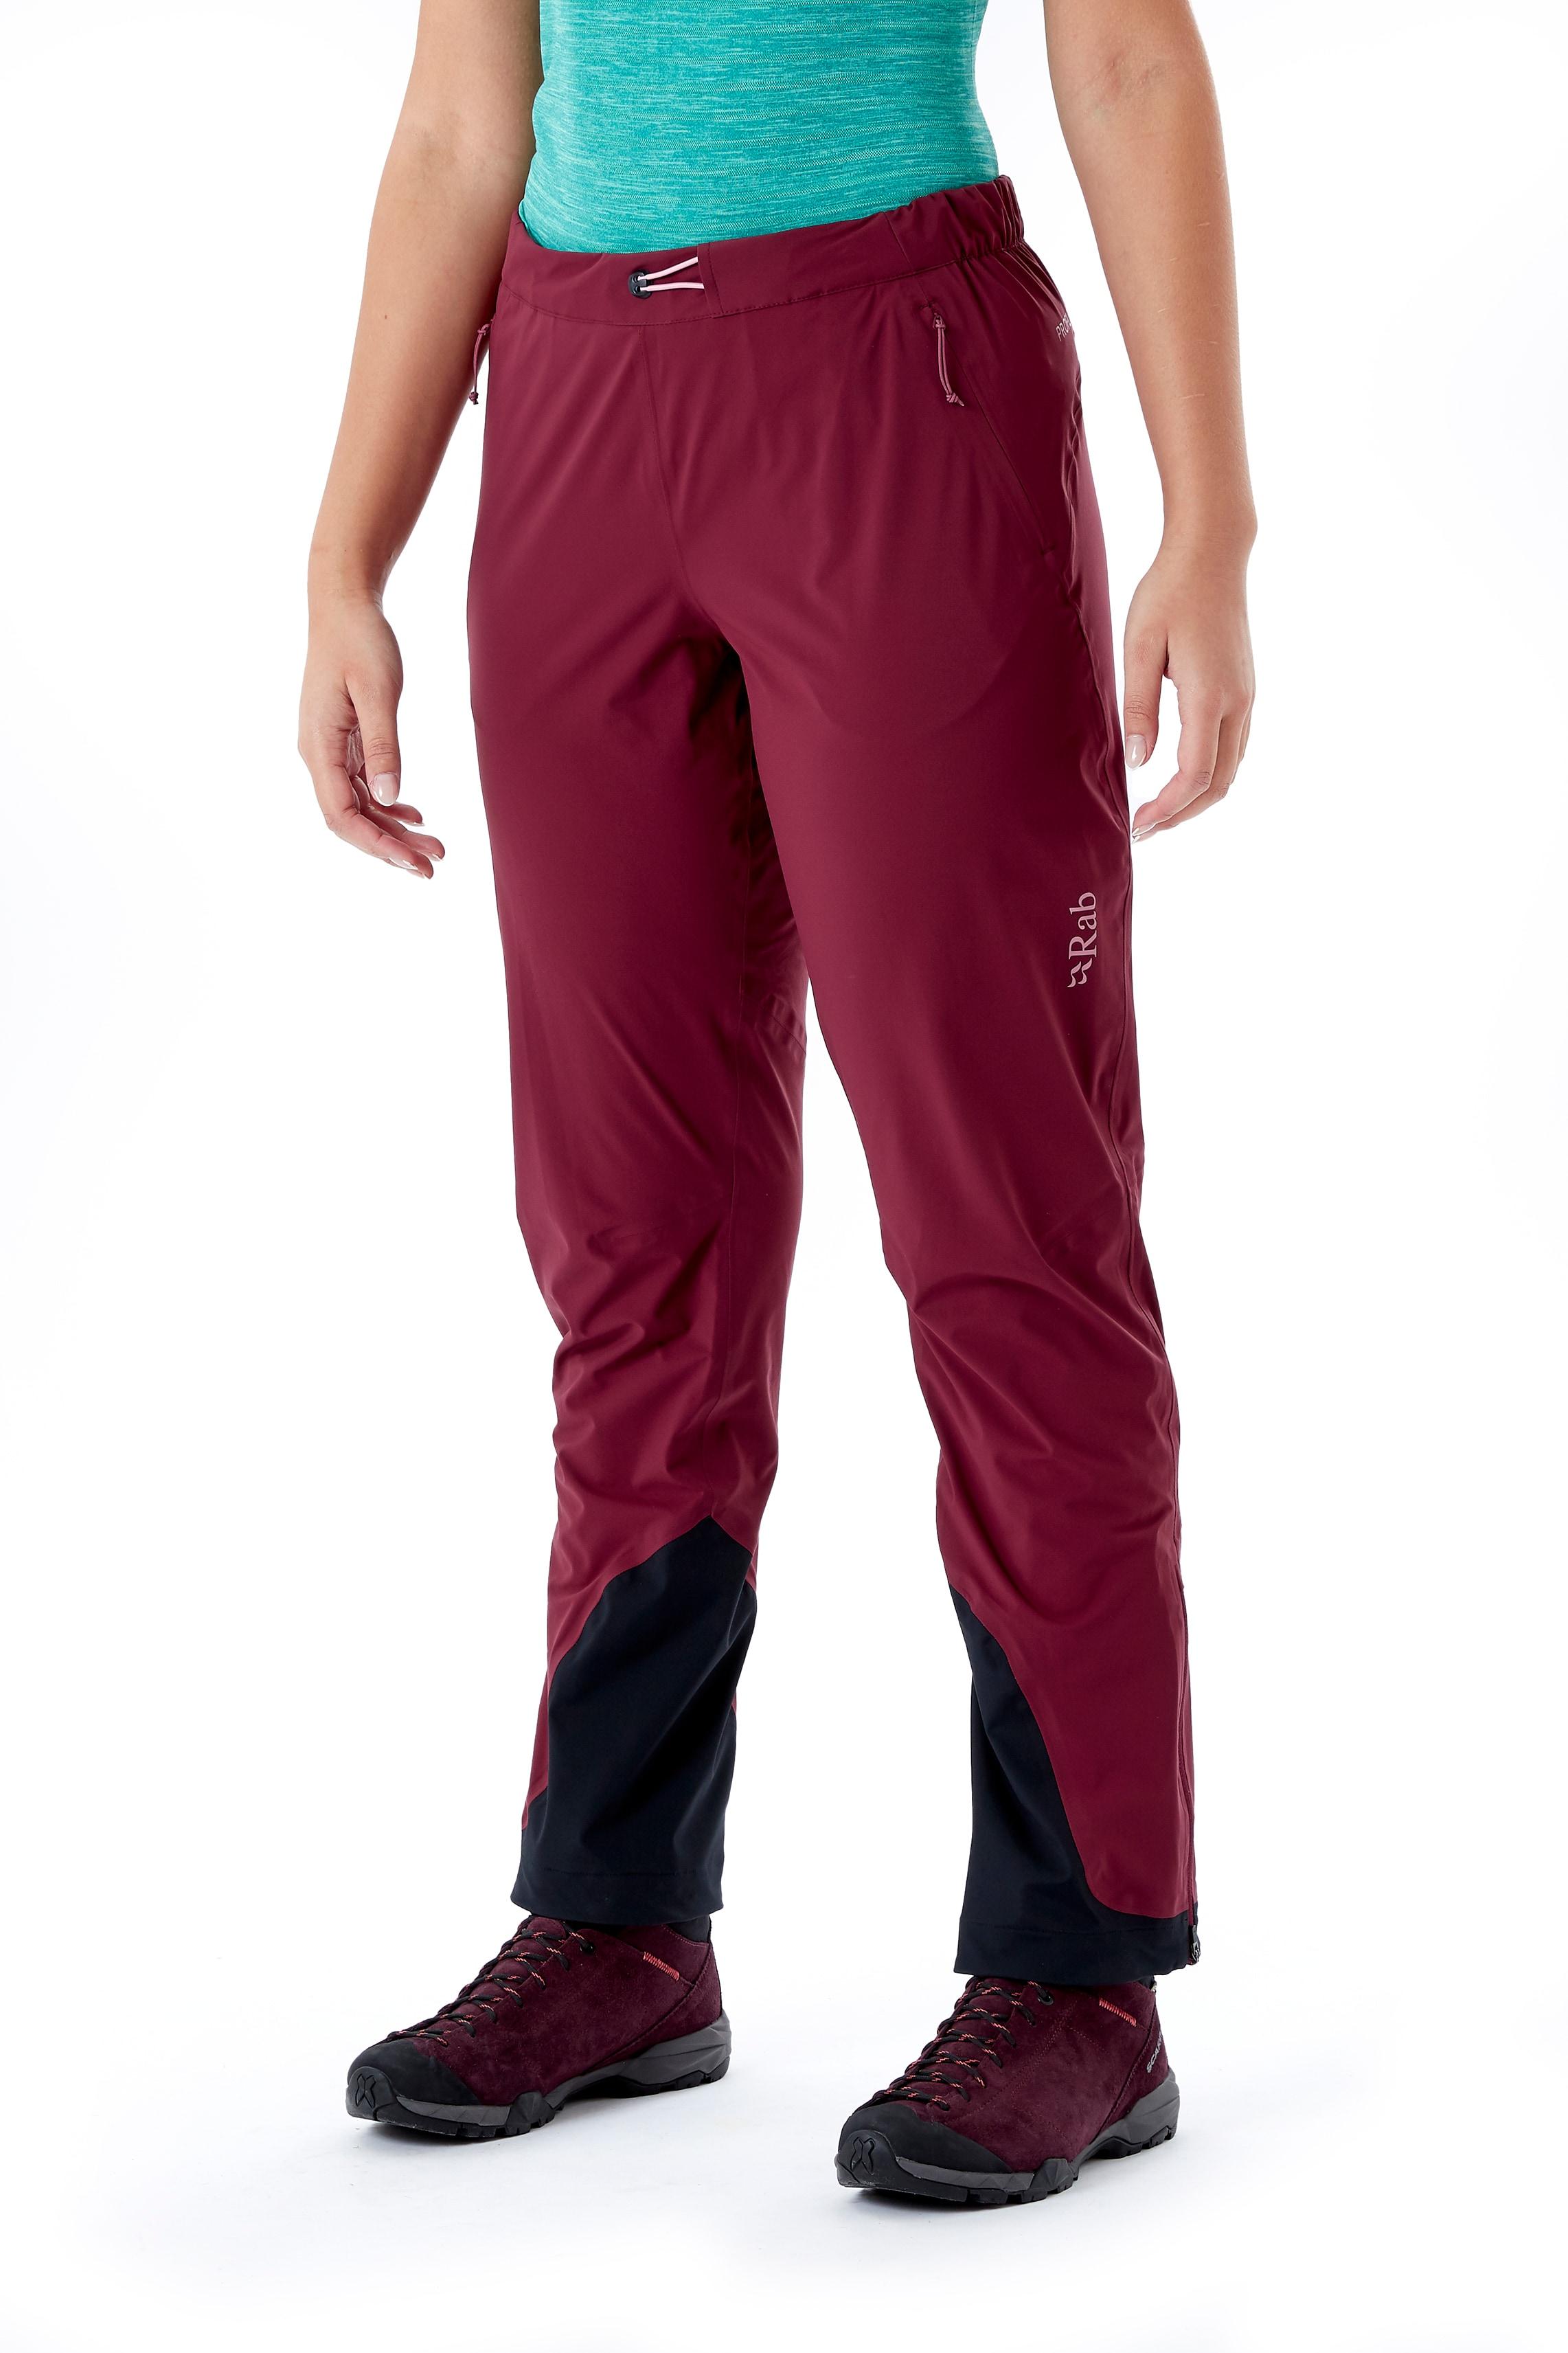 RAB Kinetic 2.0 Pants W's